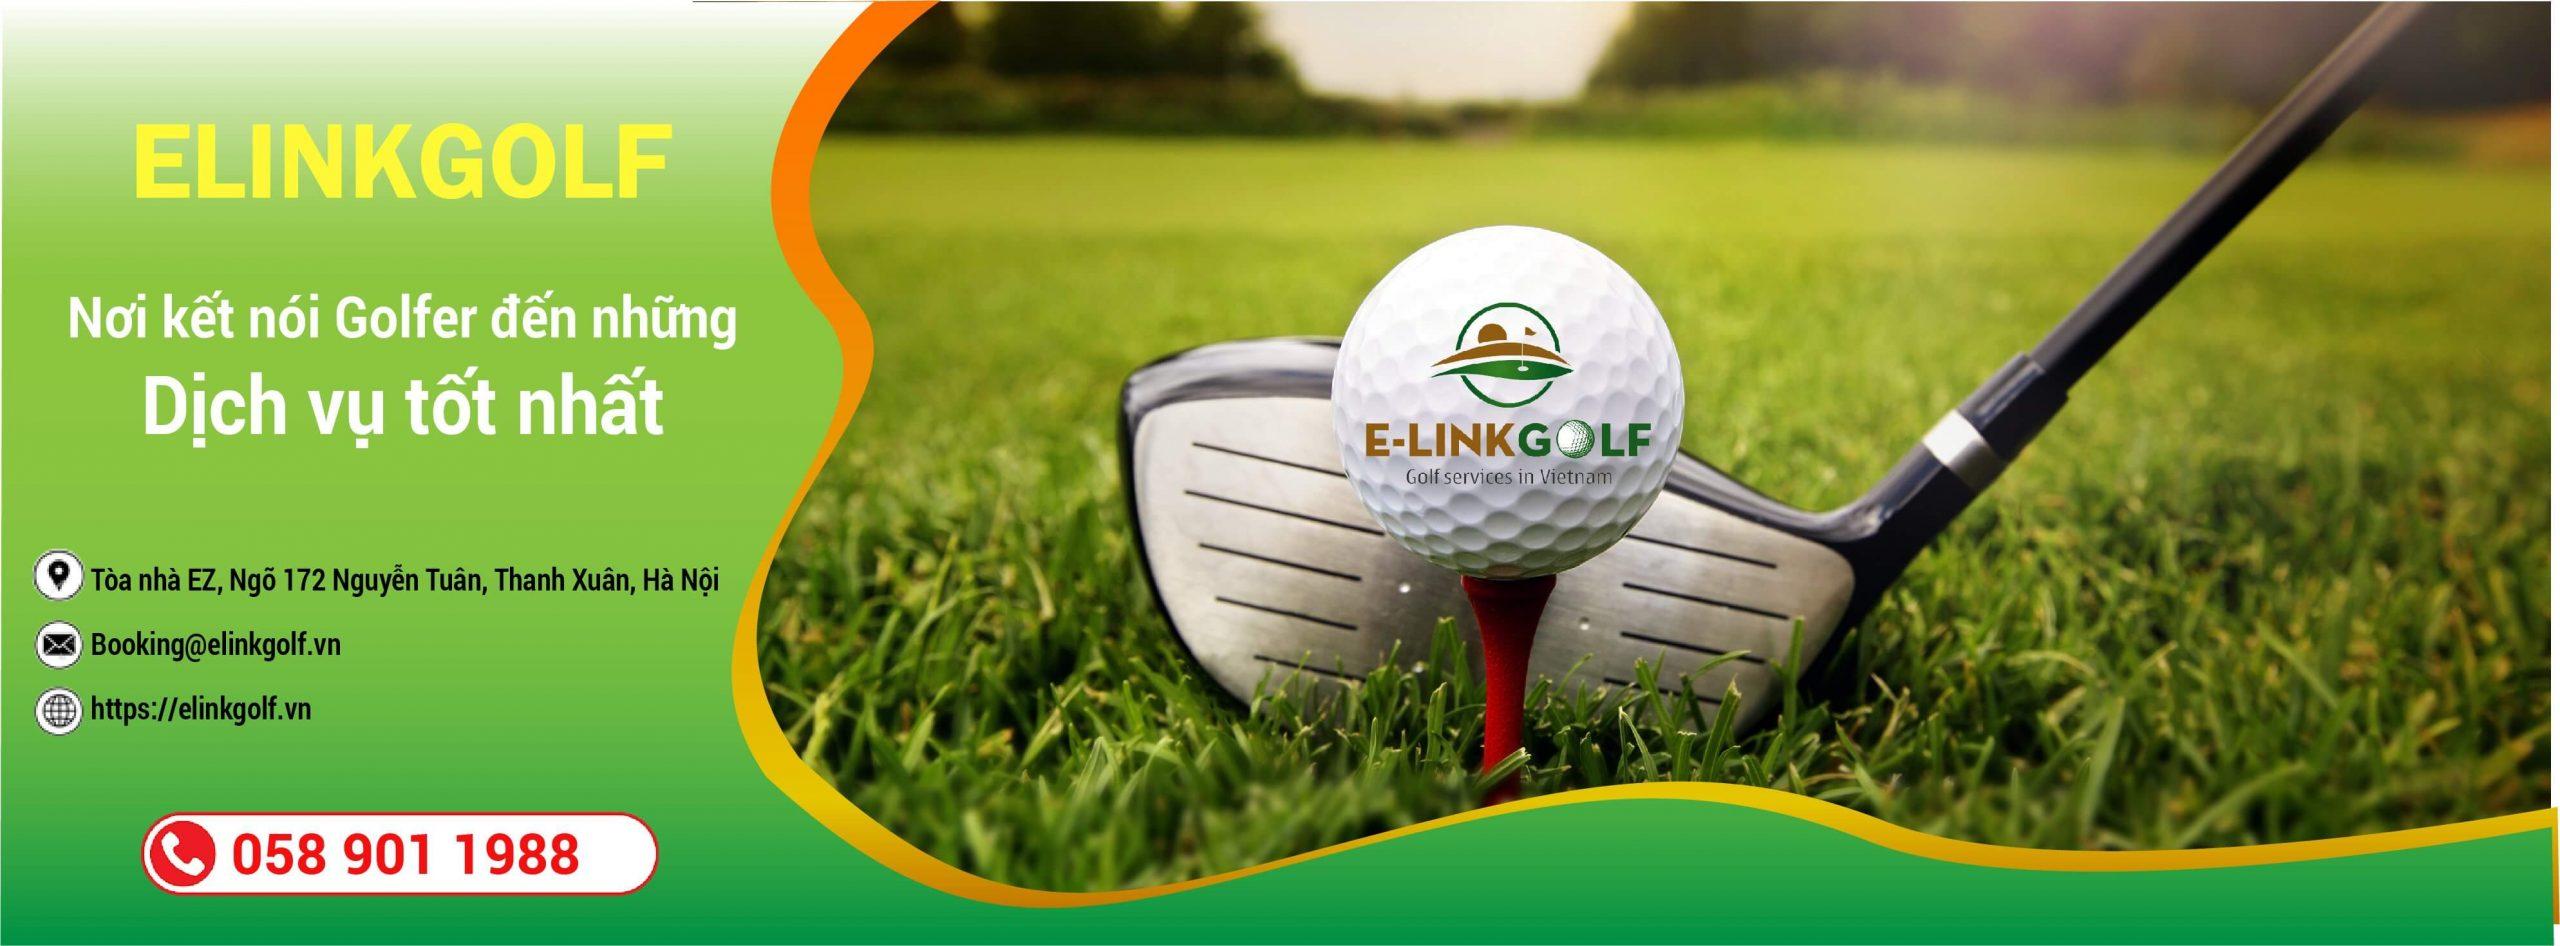 slider-elink-golf-vn-1